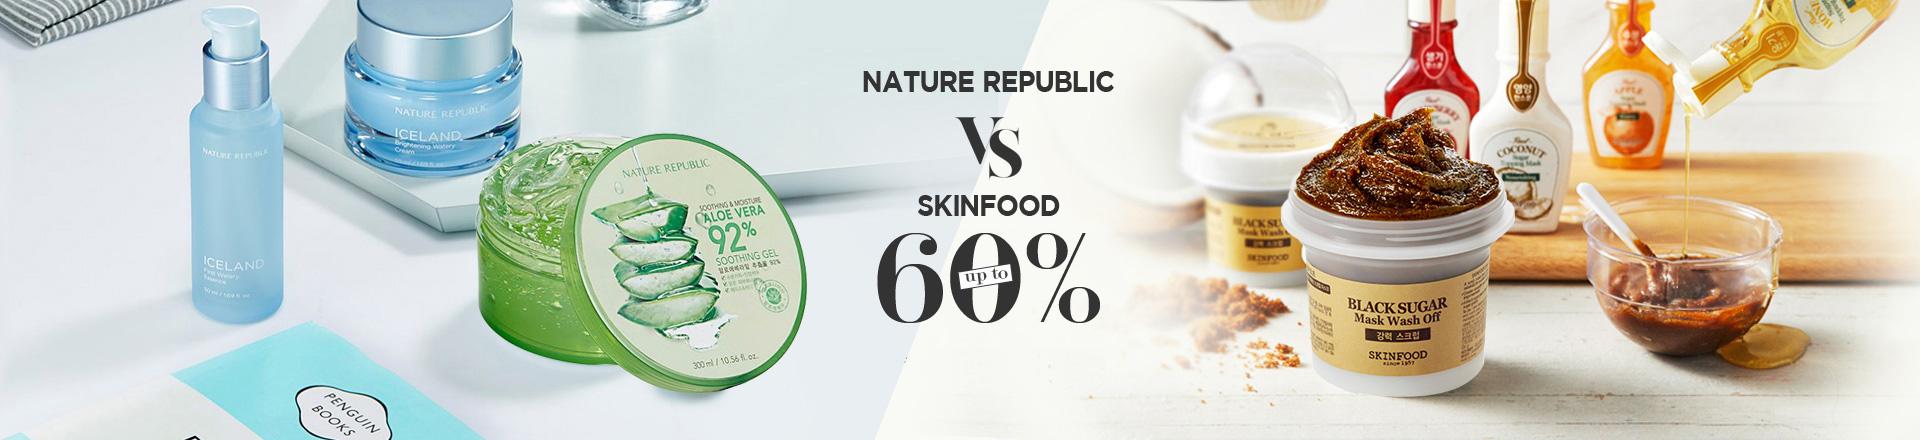 Nature Republic vs Skinfood